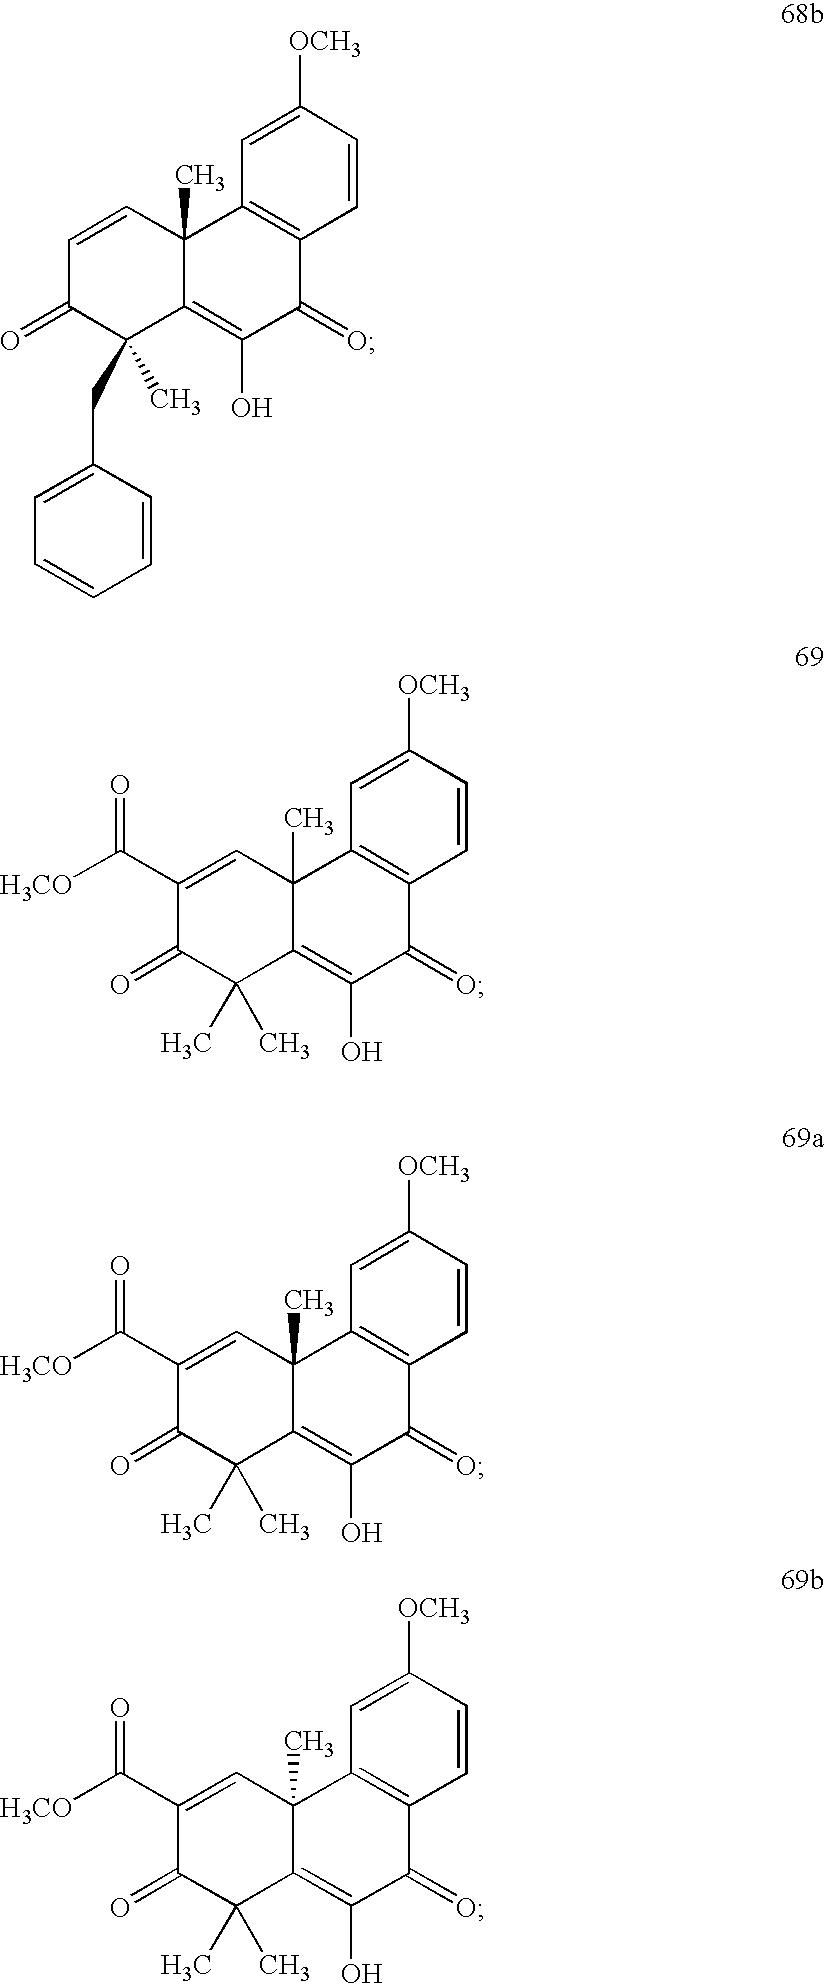 Figure US07217844-20070515-C00010